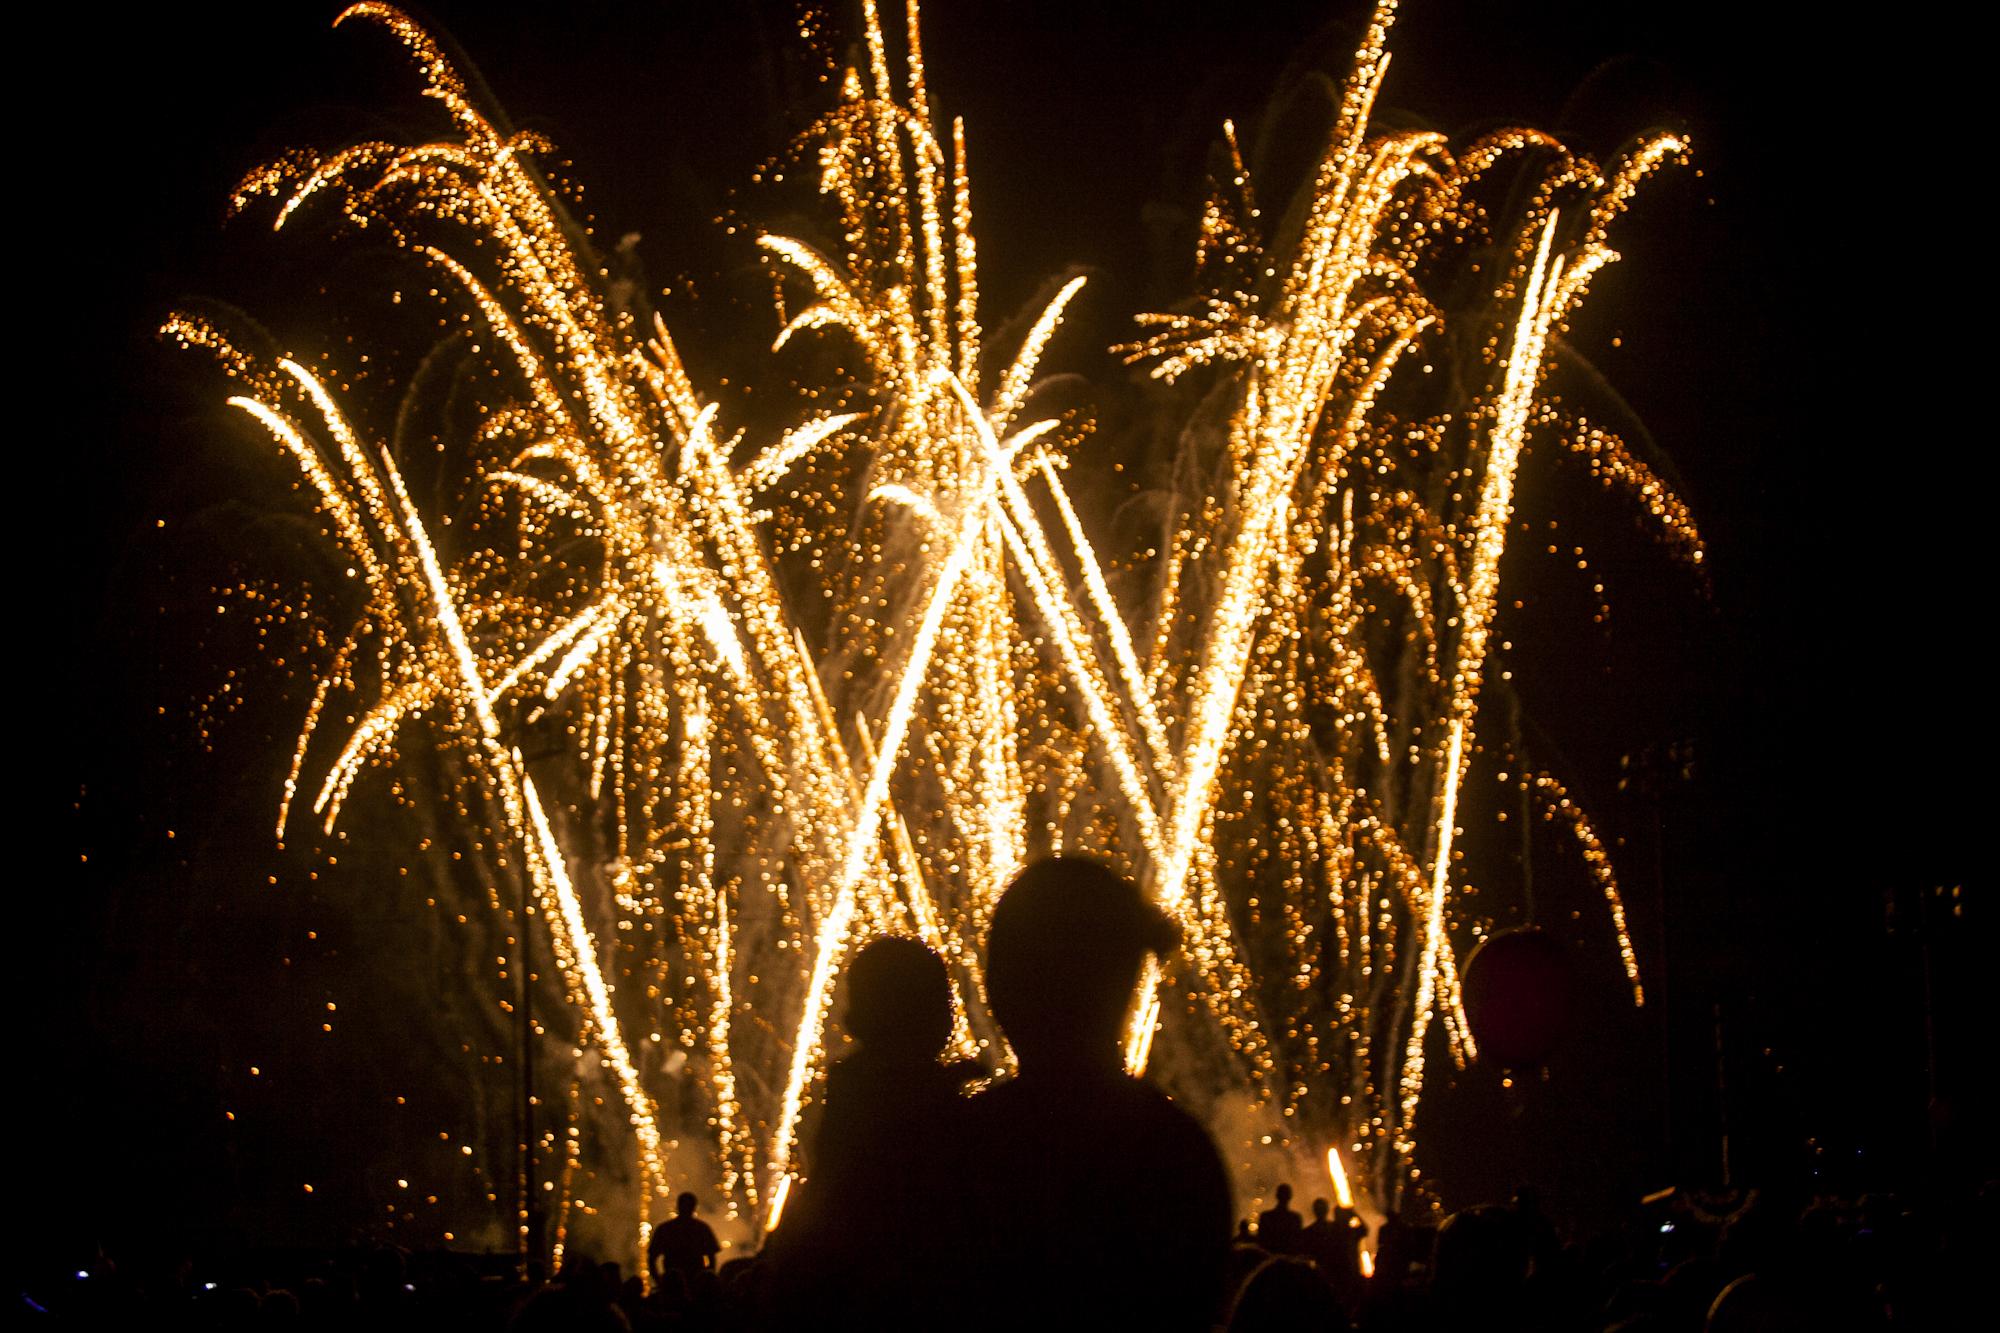 2013.07.03_ elkton fireworks _lemon-407.jpg